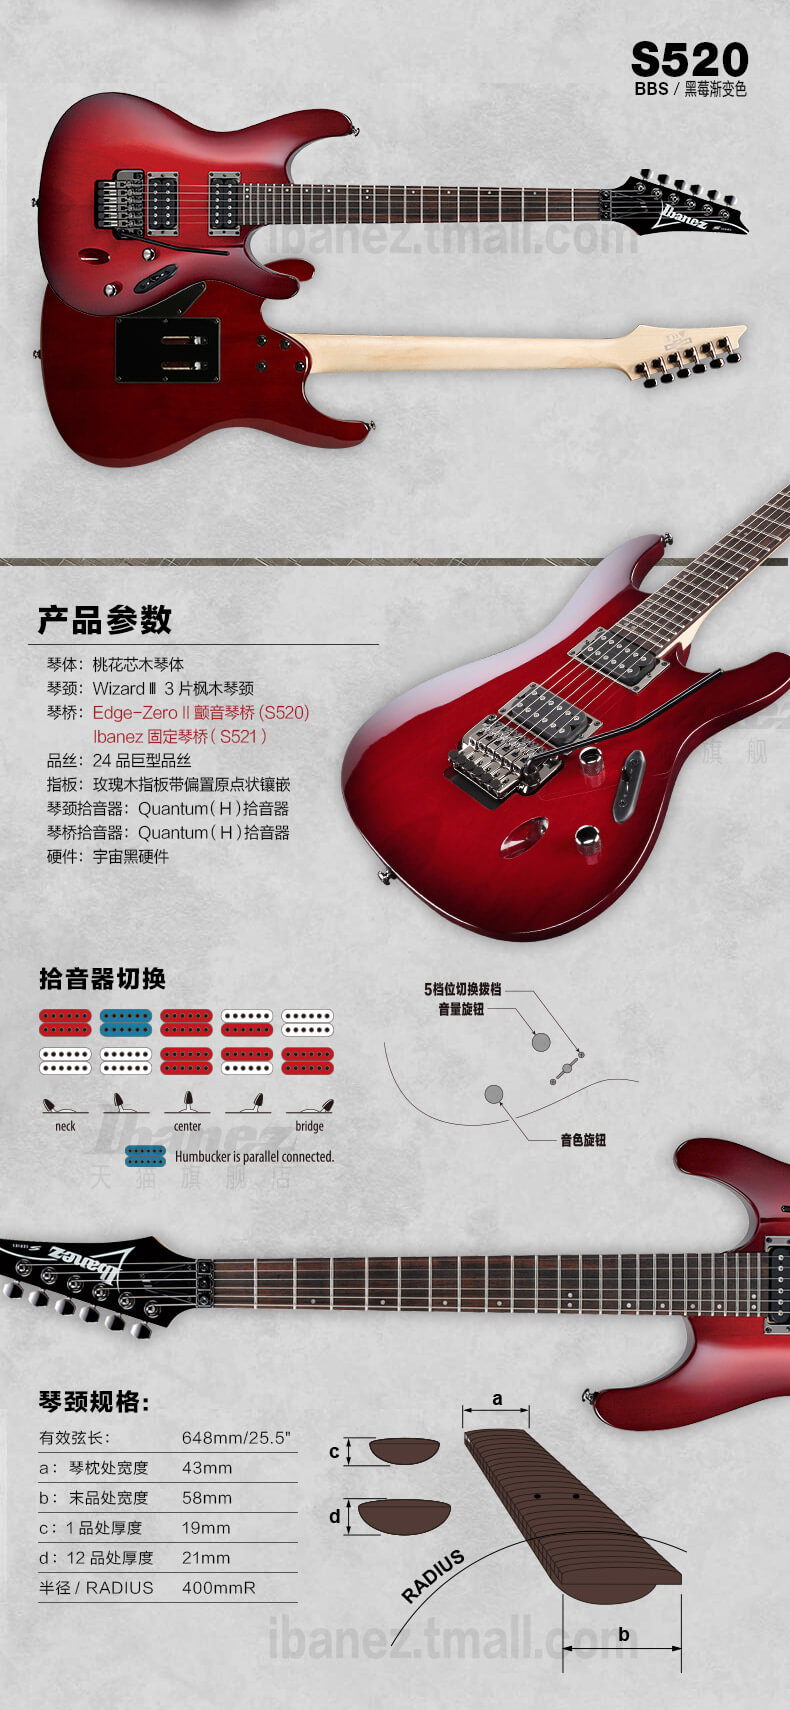 Ibanez官方旗舰店 爱宾斯 依班娜 S520电吉他 固定琴桥 06